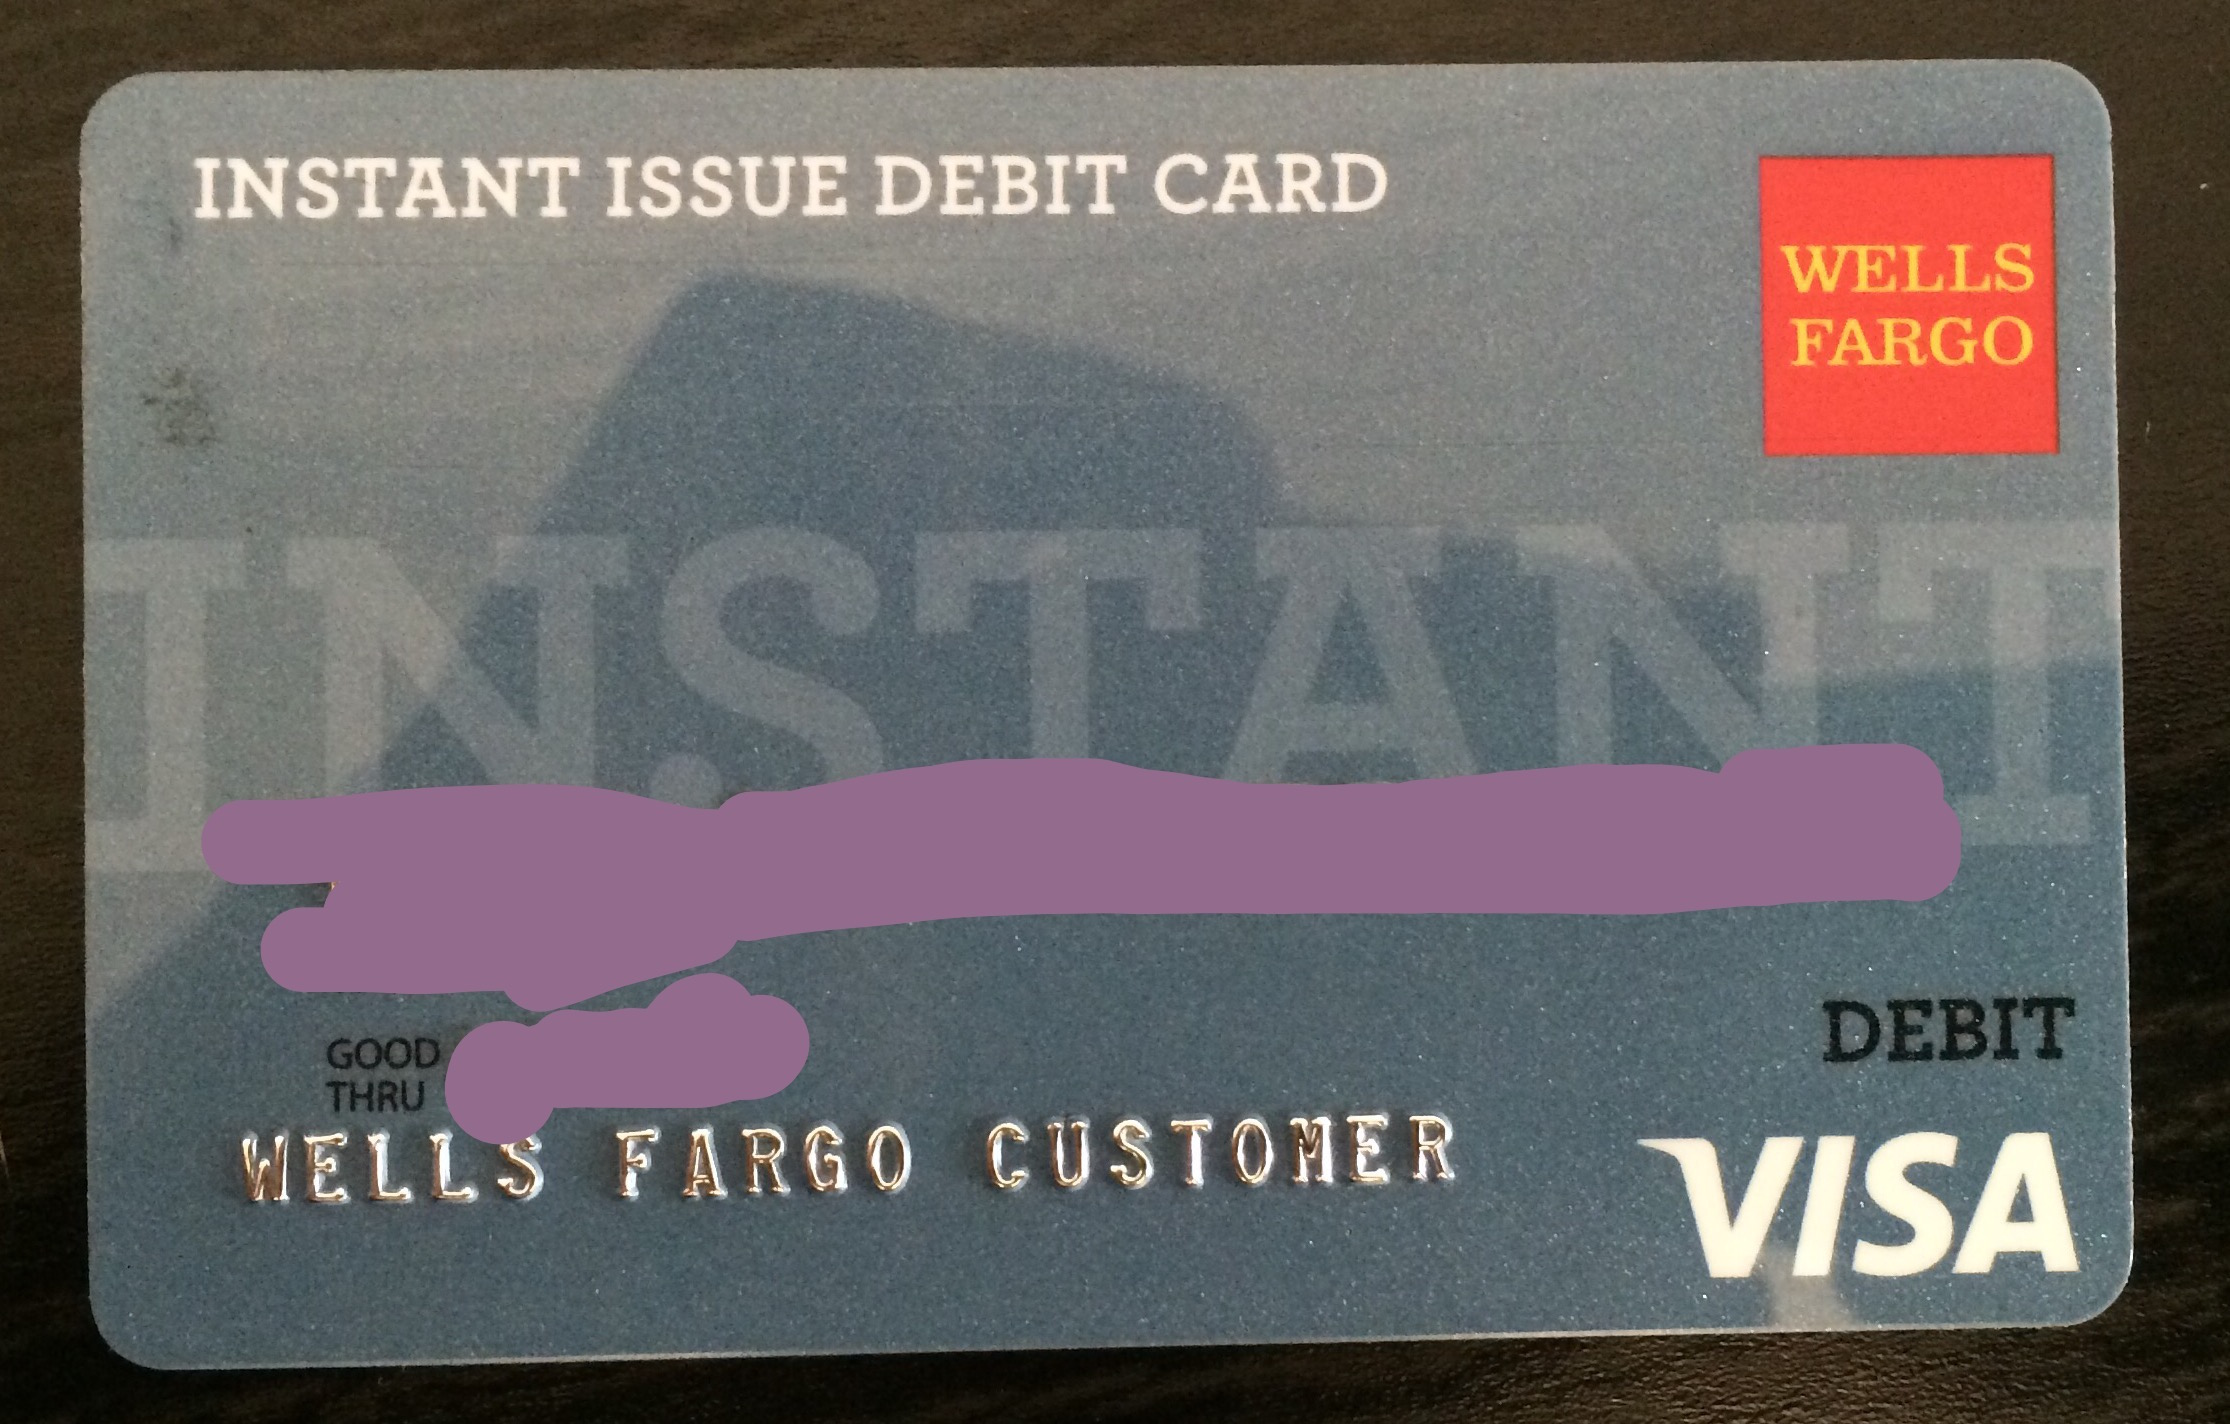 веллс фарго взять кредит деньги как оформить кредит через сбербанк онлайн инструкция в телефоне